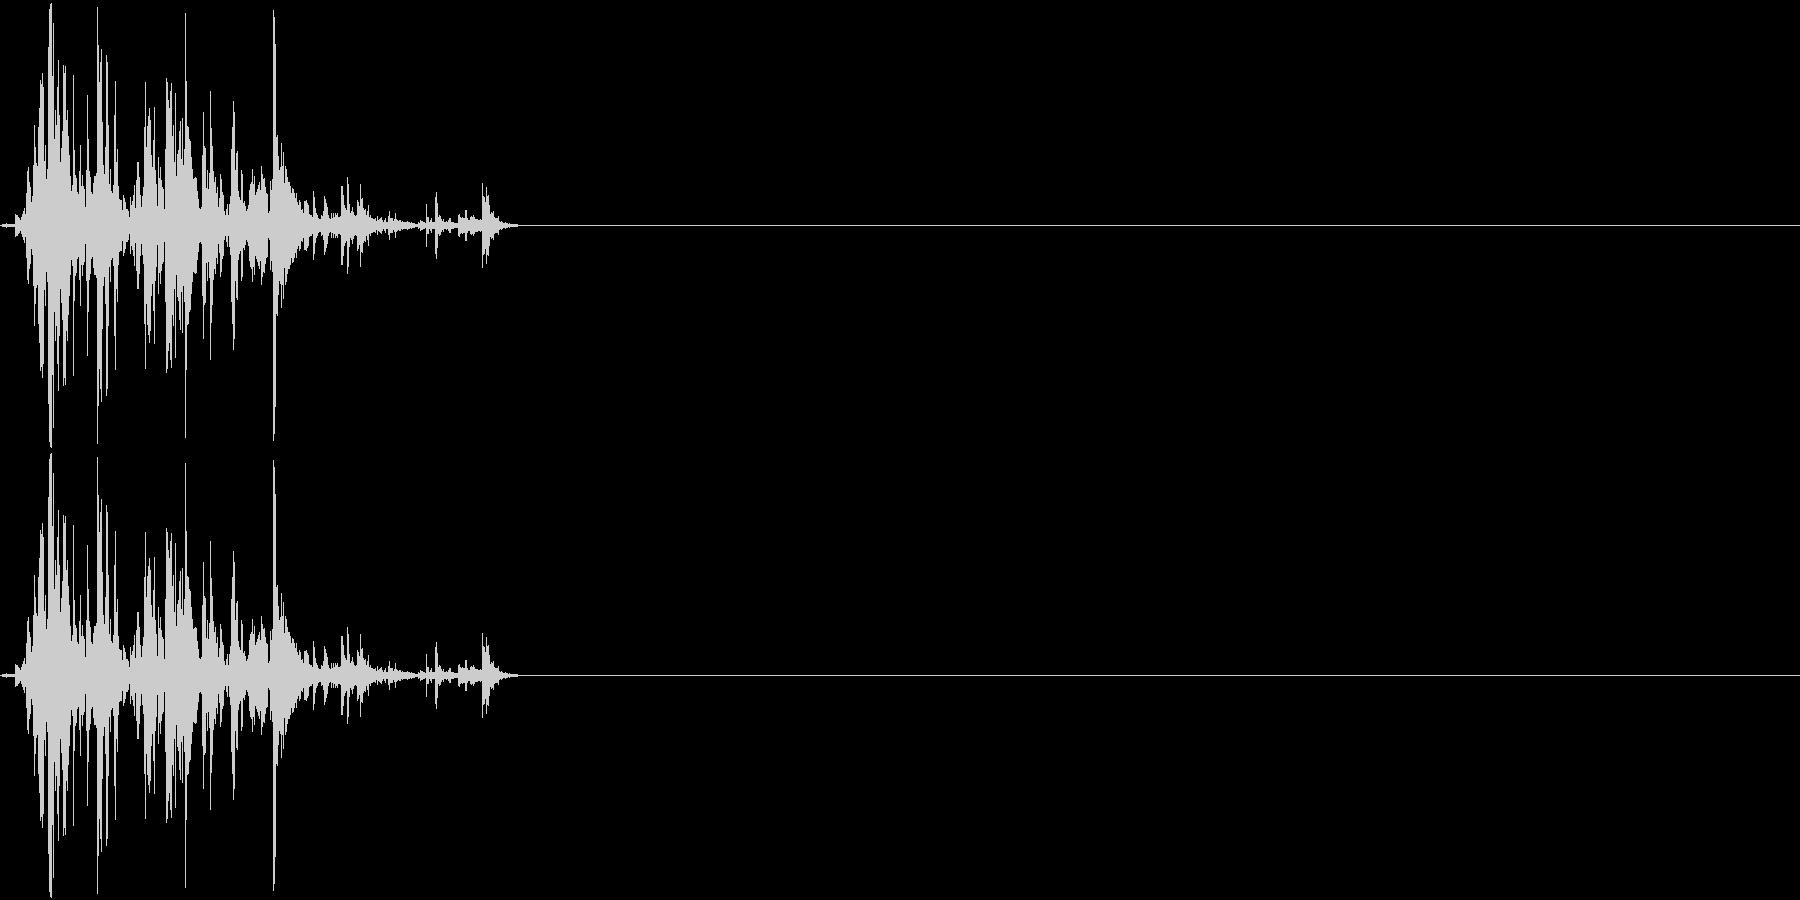 物音 デスク上の物に軽くぶつかる音の未再生の波形